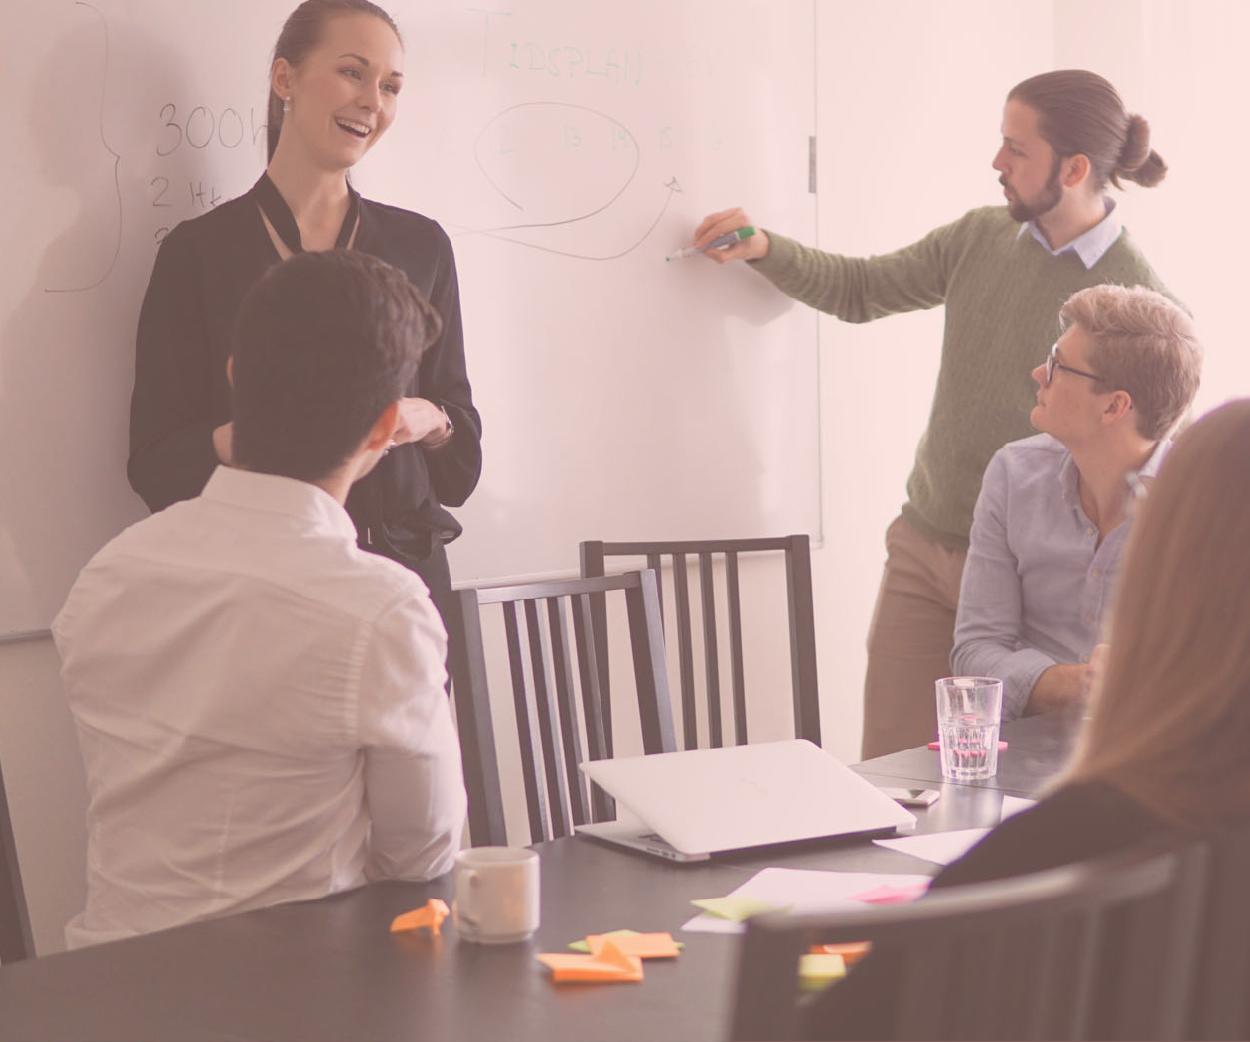 Management - Management är vårt bredaste affärsområde. Fältet innehåller fyra olika områden: teknik, marknad, operativ utveckling och hållbart företagande.Tack vare vårt breda utbud är vi vana att möta dig och ditt företag där ni står idag. Vår tvärvetenskapliga kompetens hjälper oss att stärka ditt företags effektivitet, produktutvecking och konkurrenskraft. Från nulägesanalys till etablering.